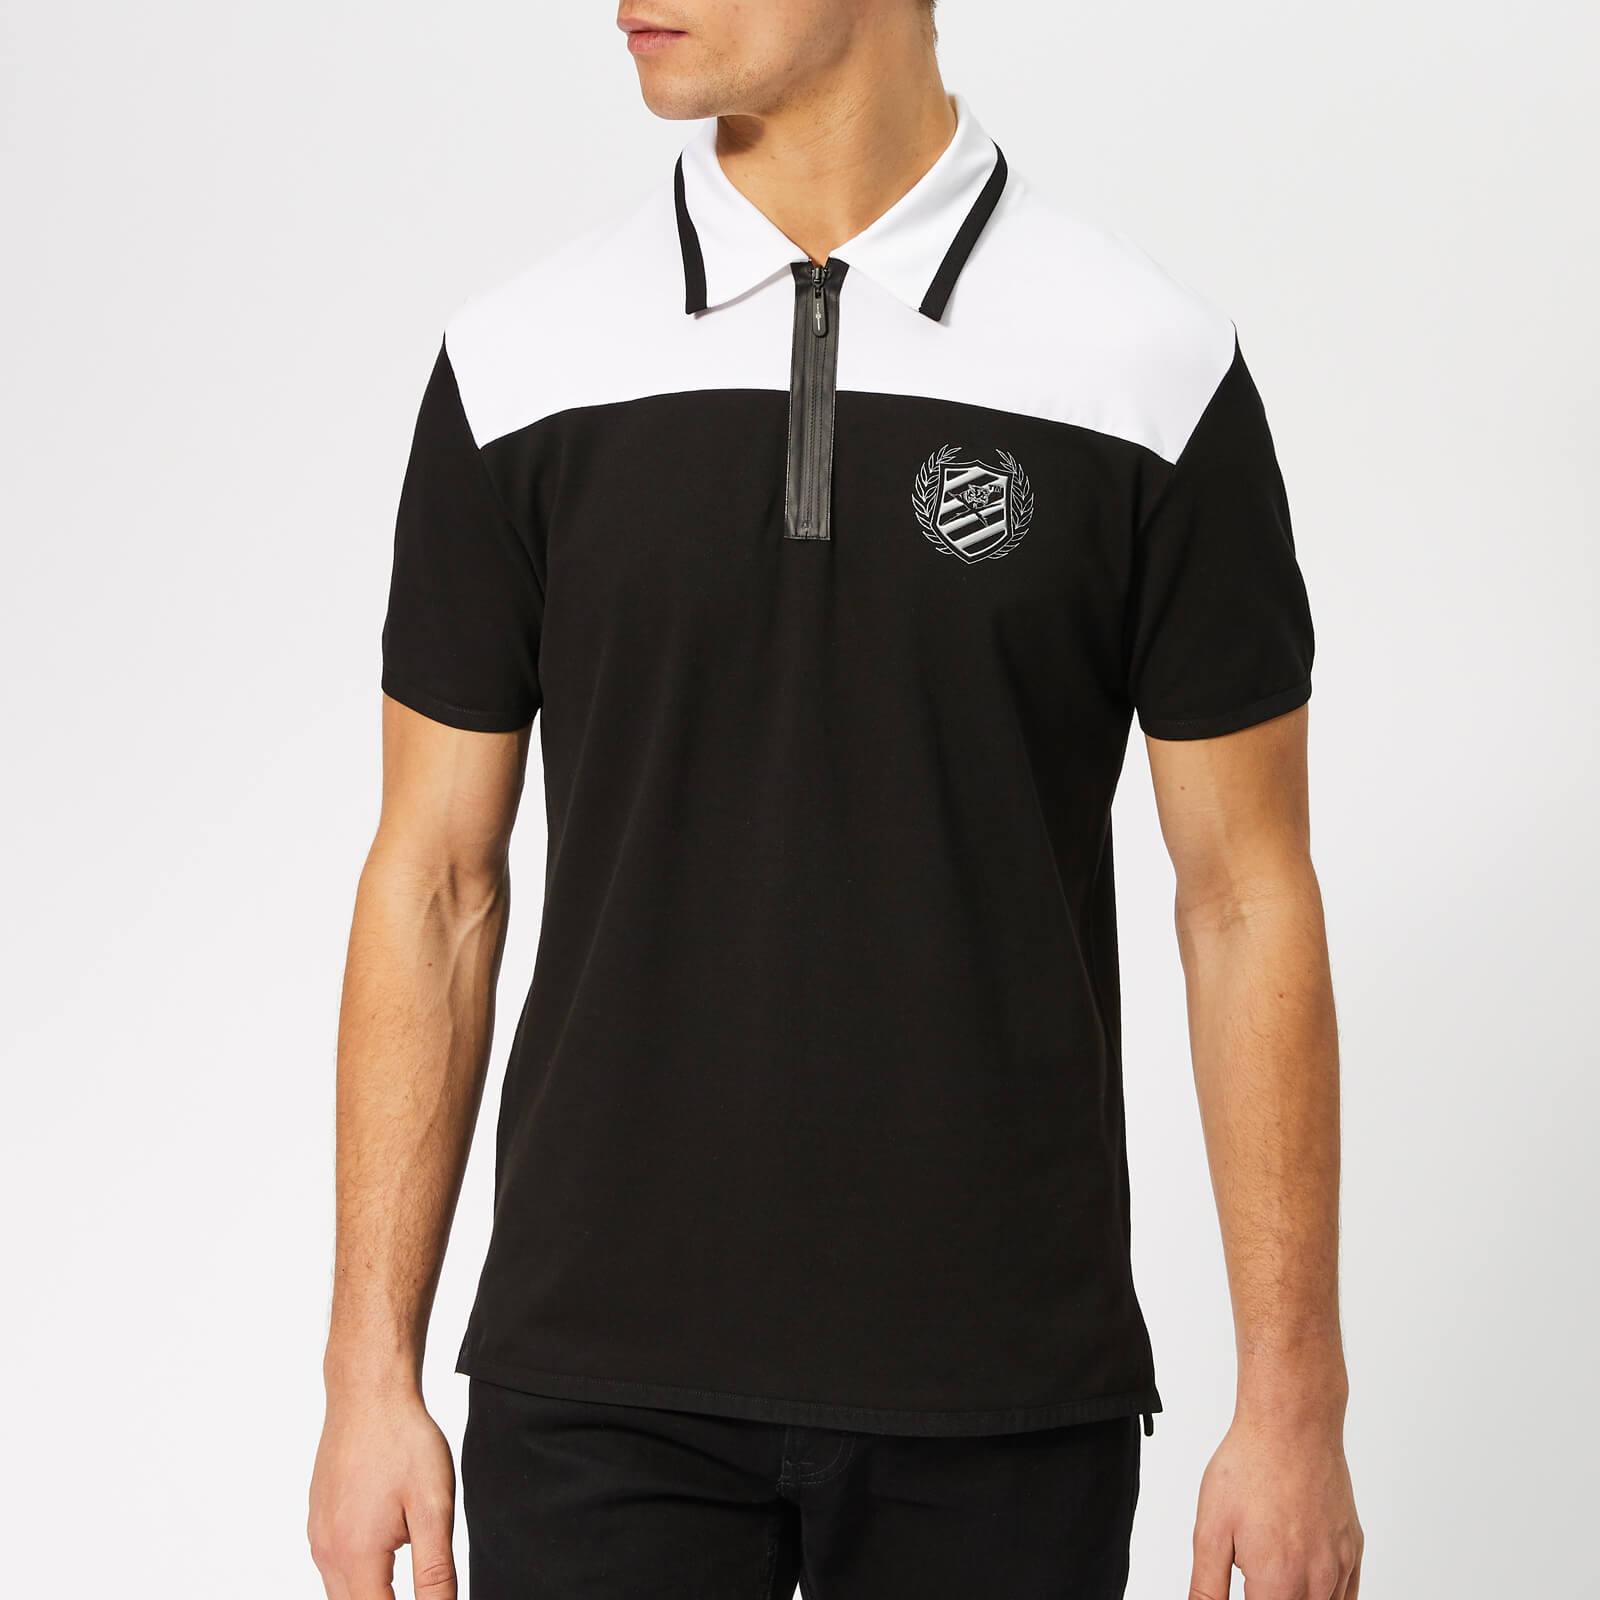 Plein Sport Men's Logos Polo Shirt - Black/Silver - XL - Black/Silver